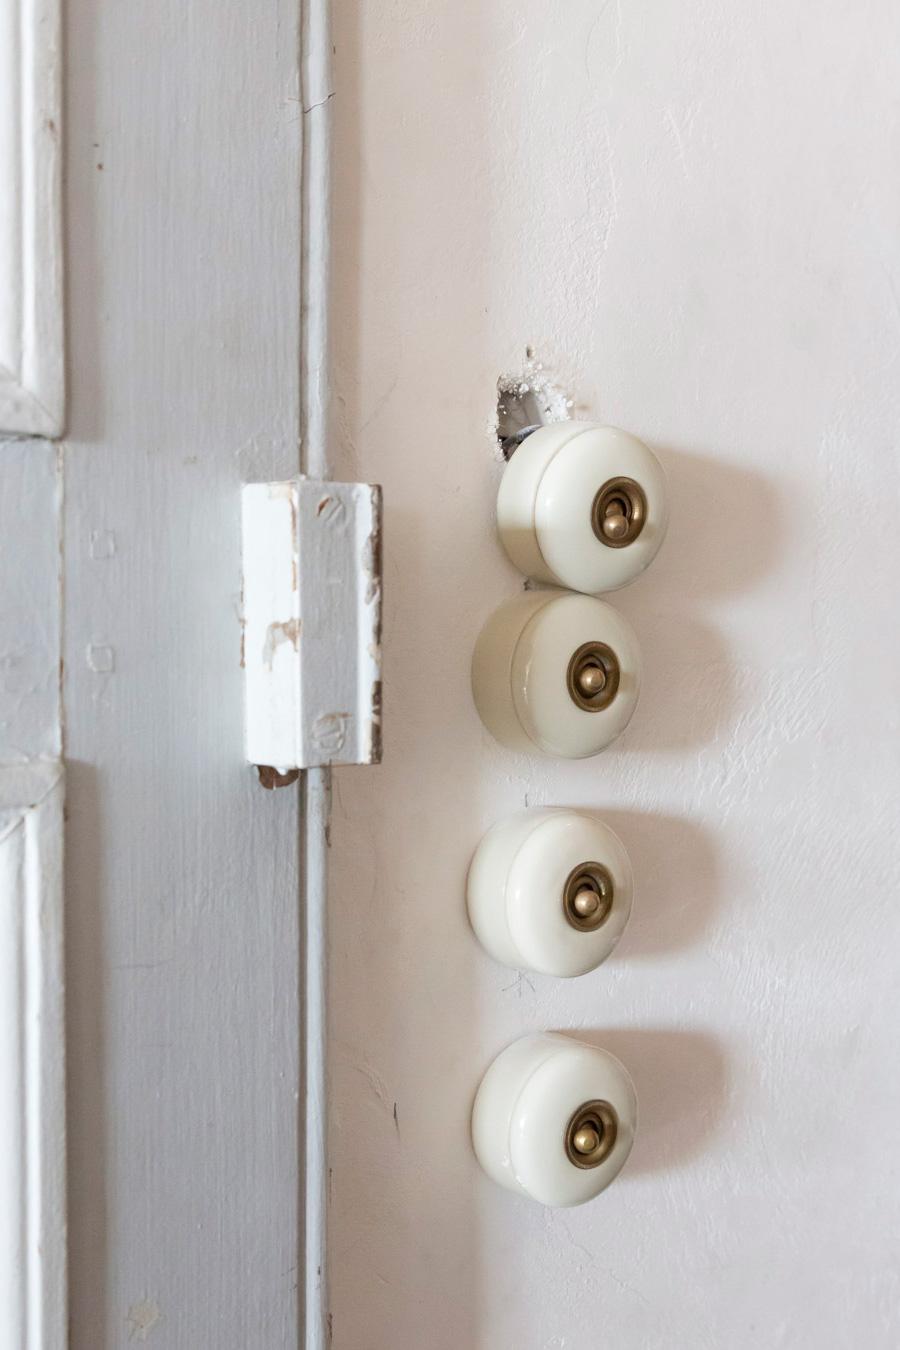 コロンとした形が可愛いアンティークの陶器製のスイッチ。スイッチひとつで部屋の表情が豊かになる。